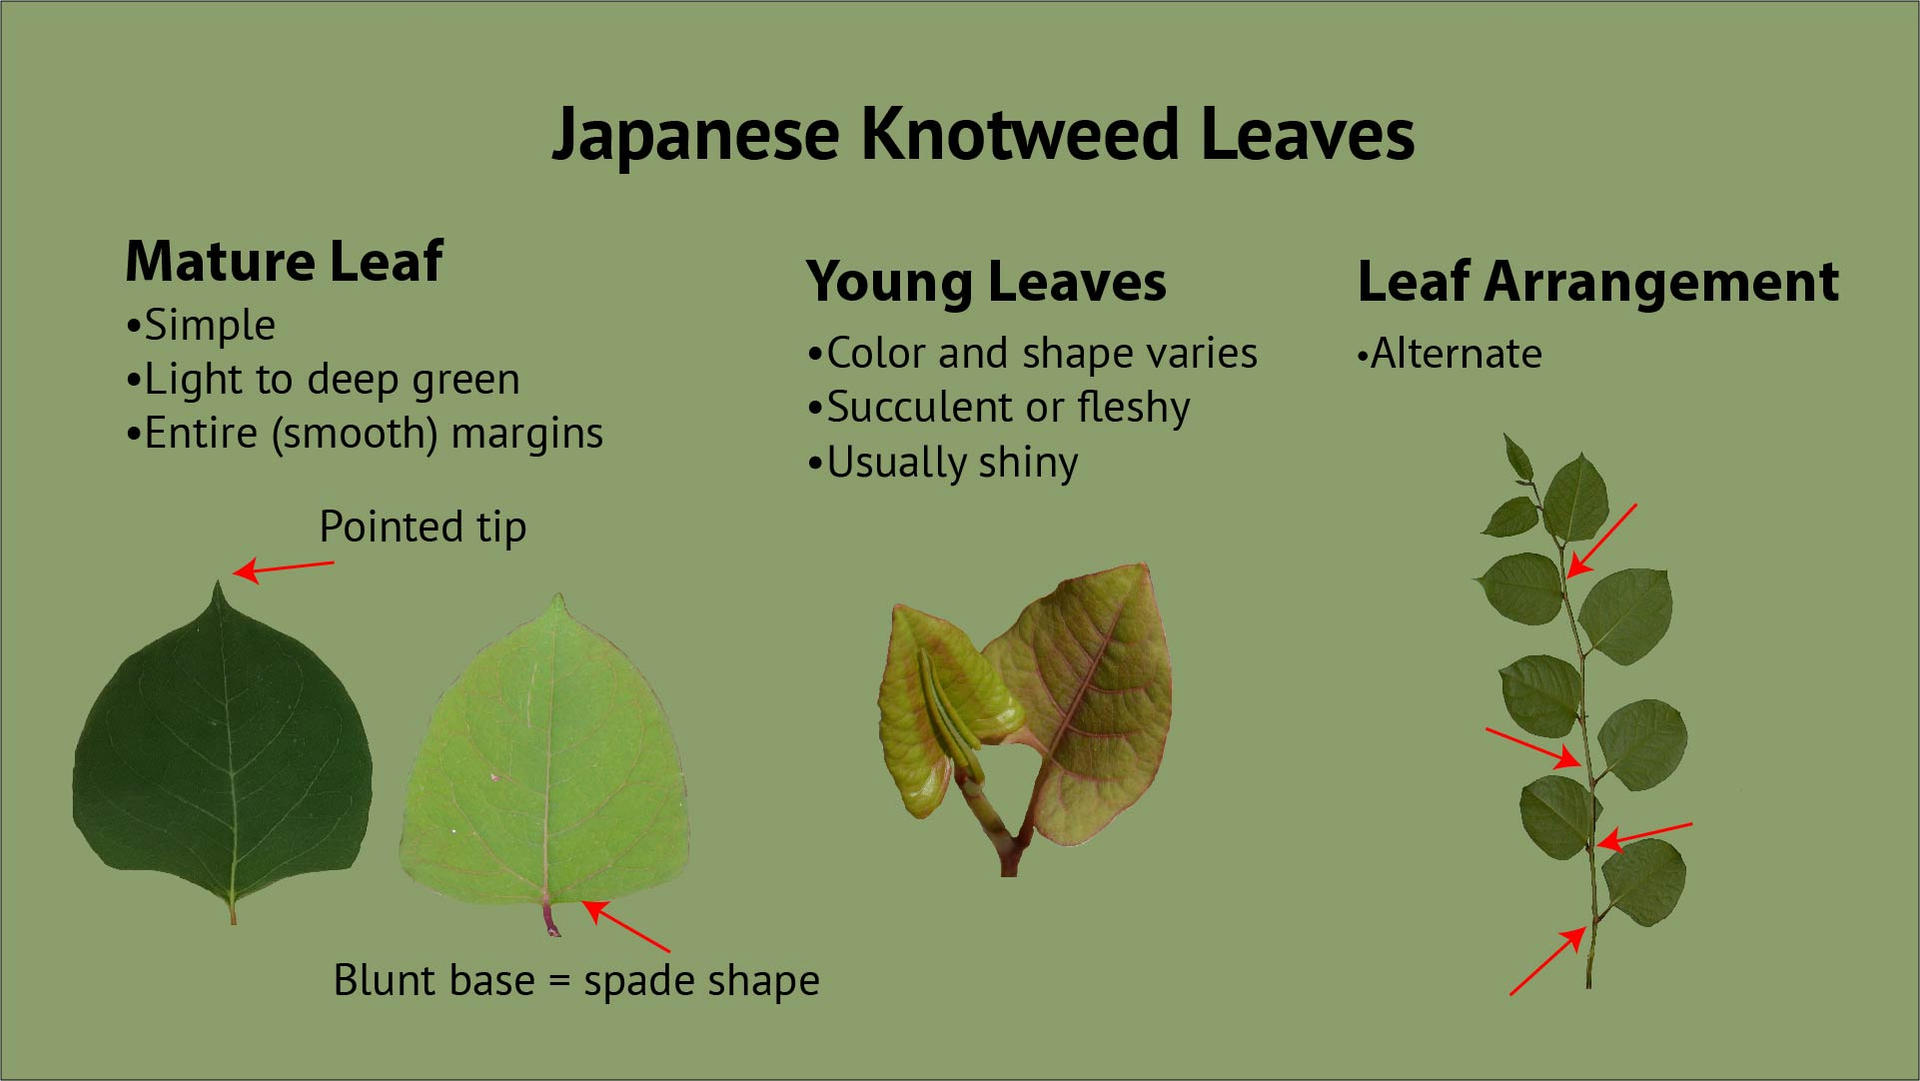 Japanese Knotweed Leaves